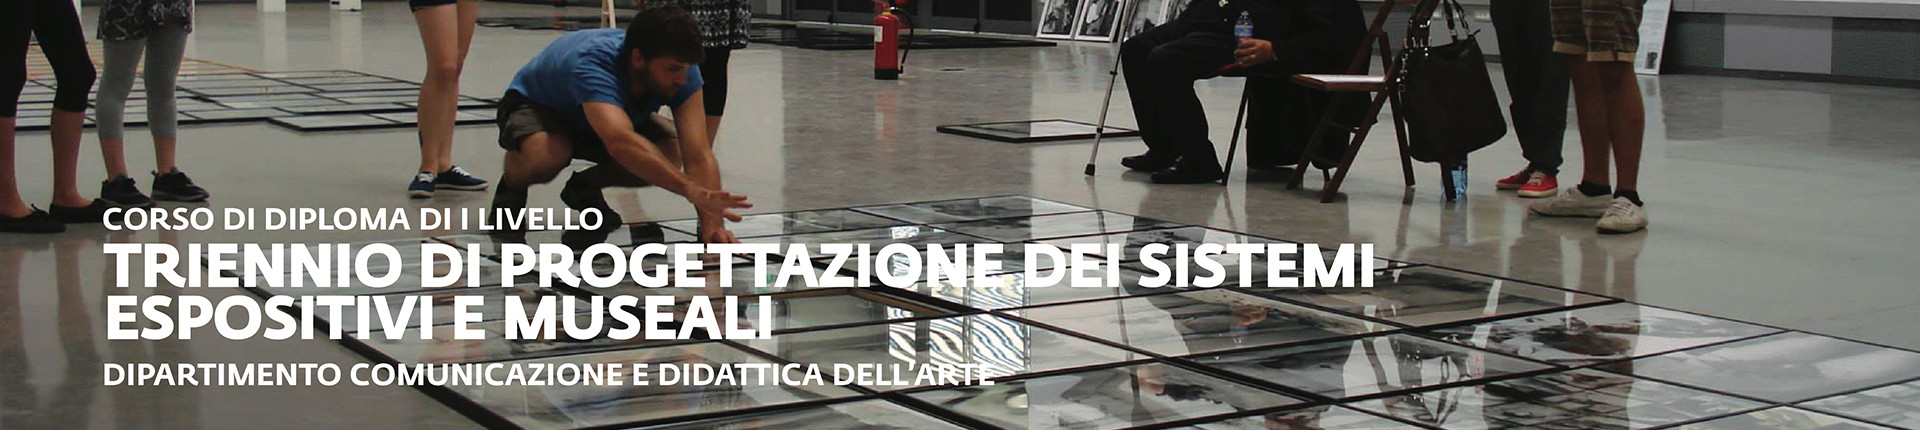 01_triennio-exhibit